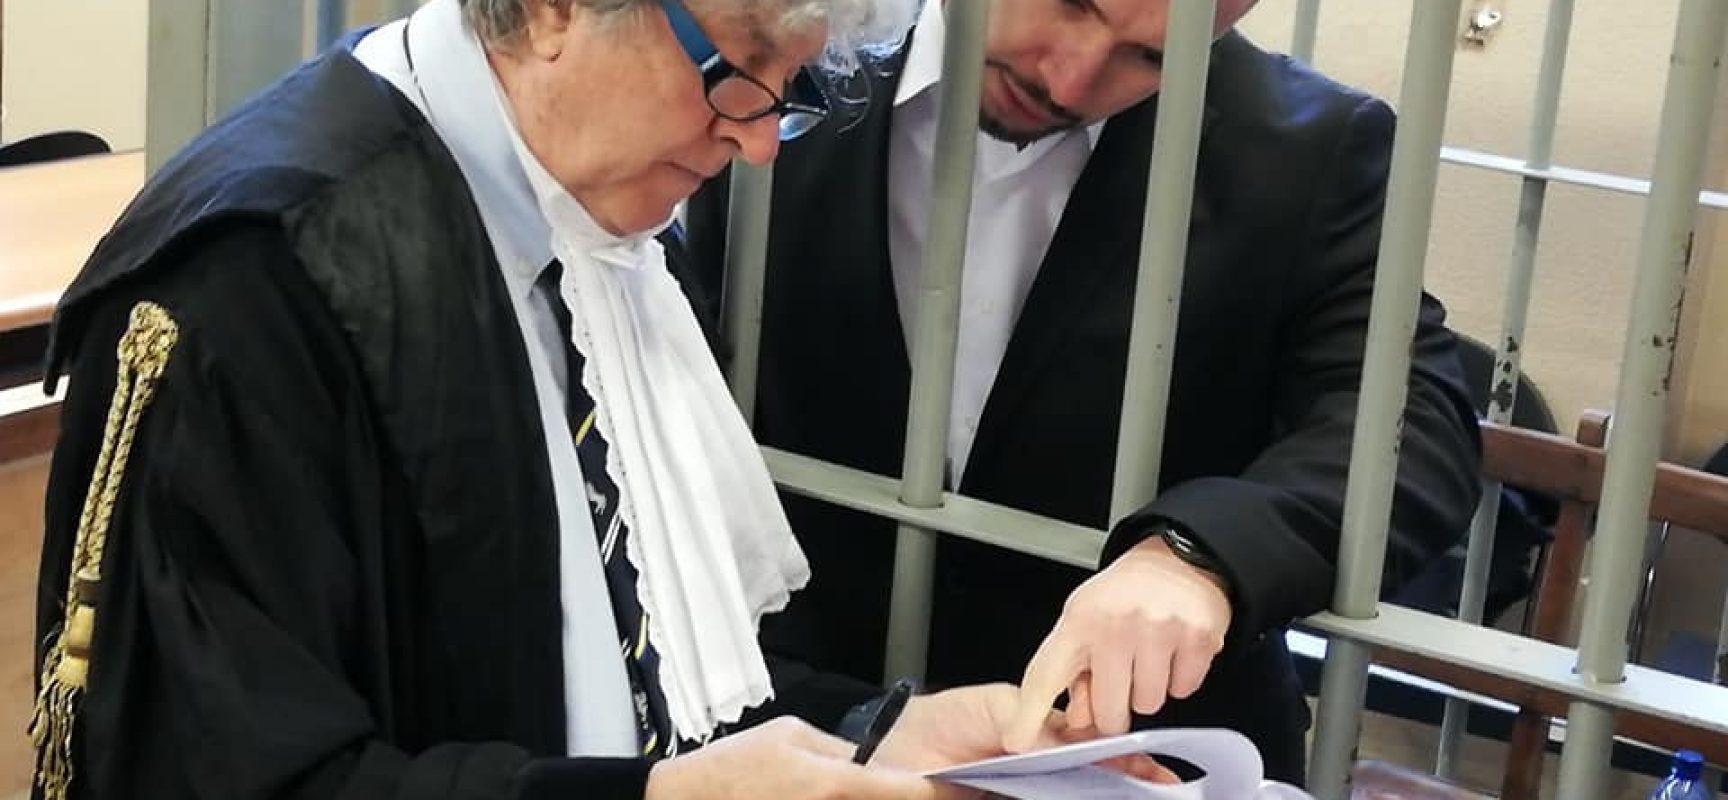 Processo Markiv-Rocchelli l'accusa utilizza un documento falso